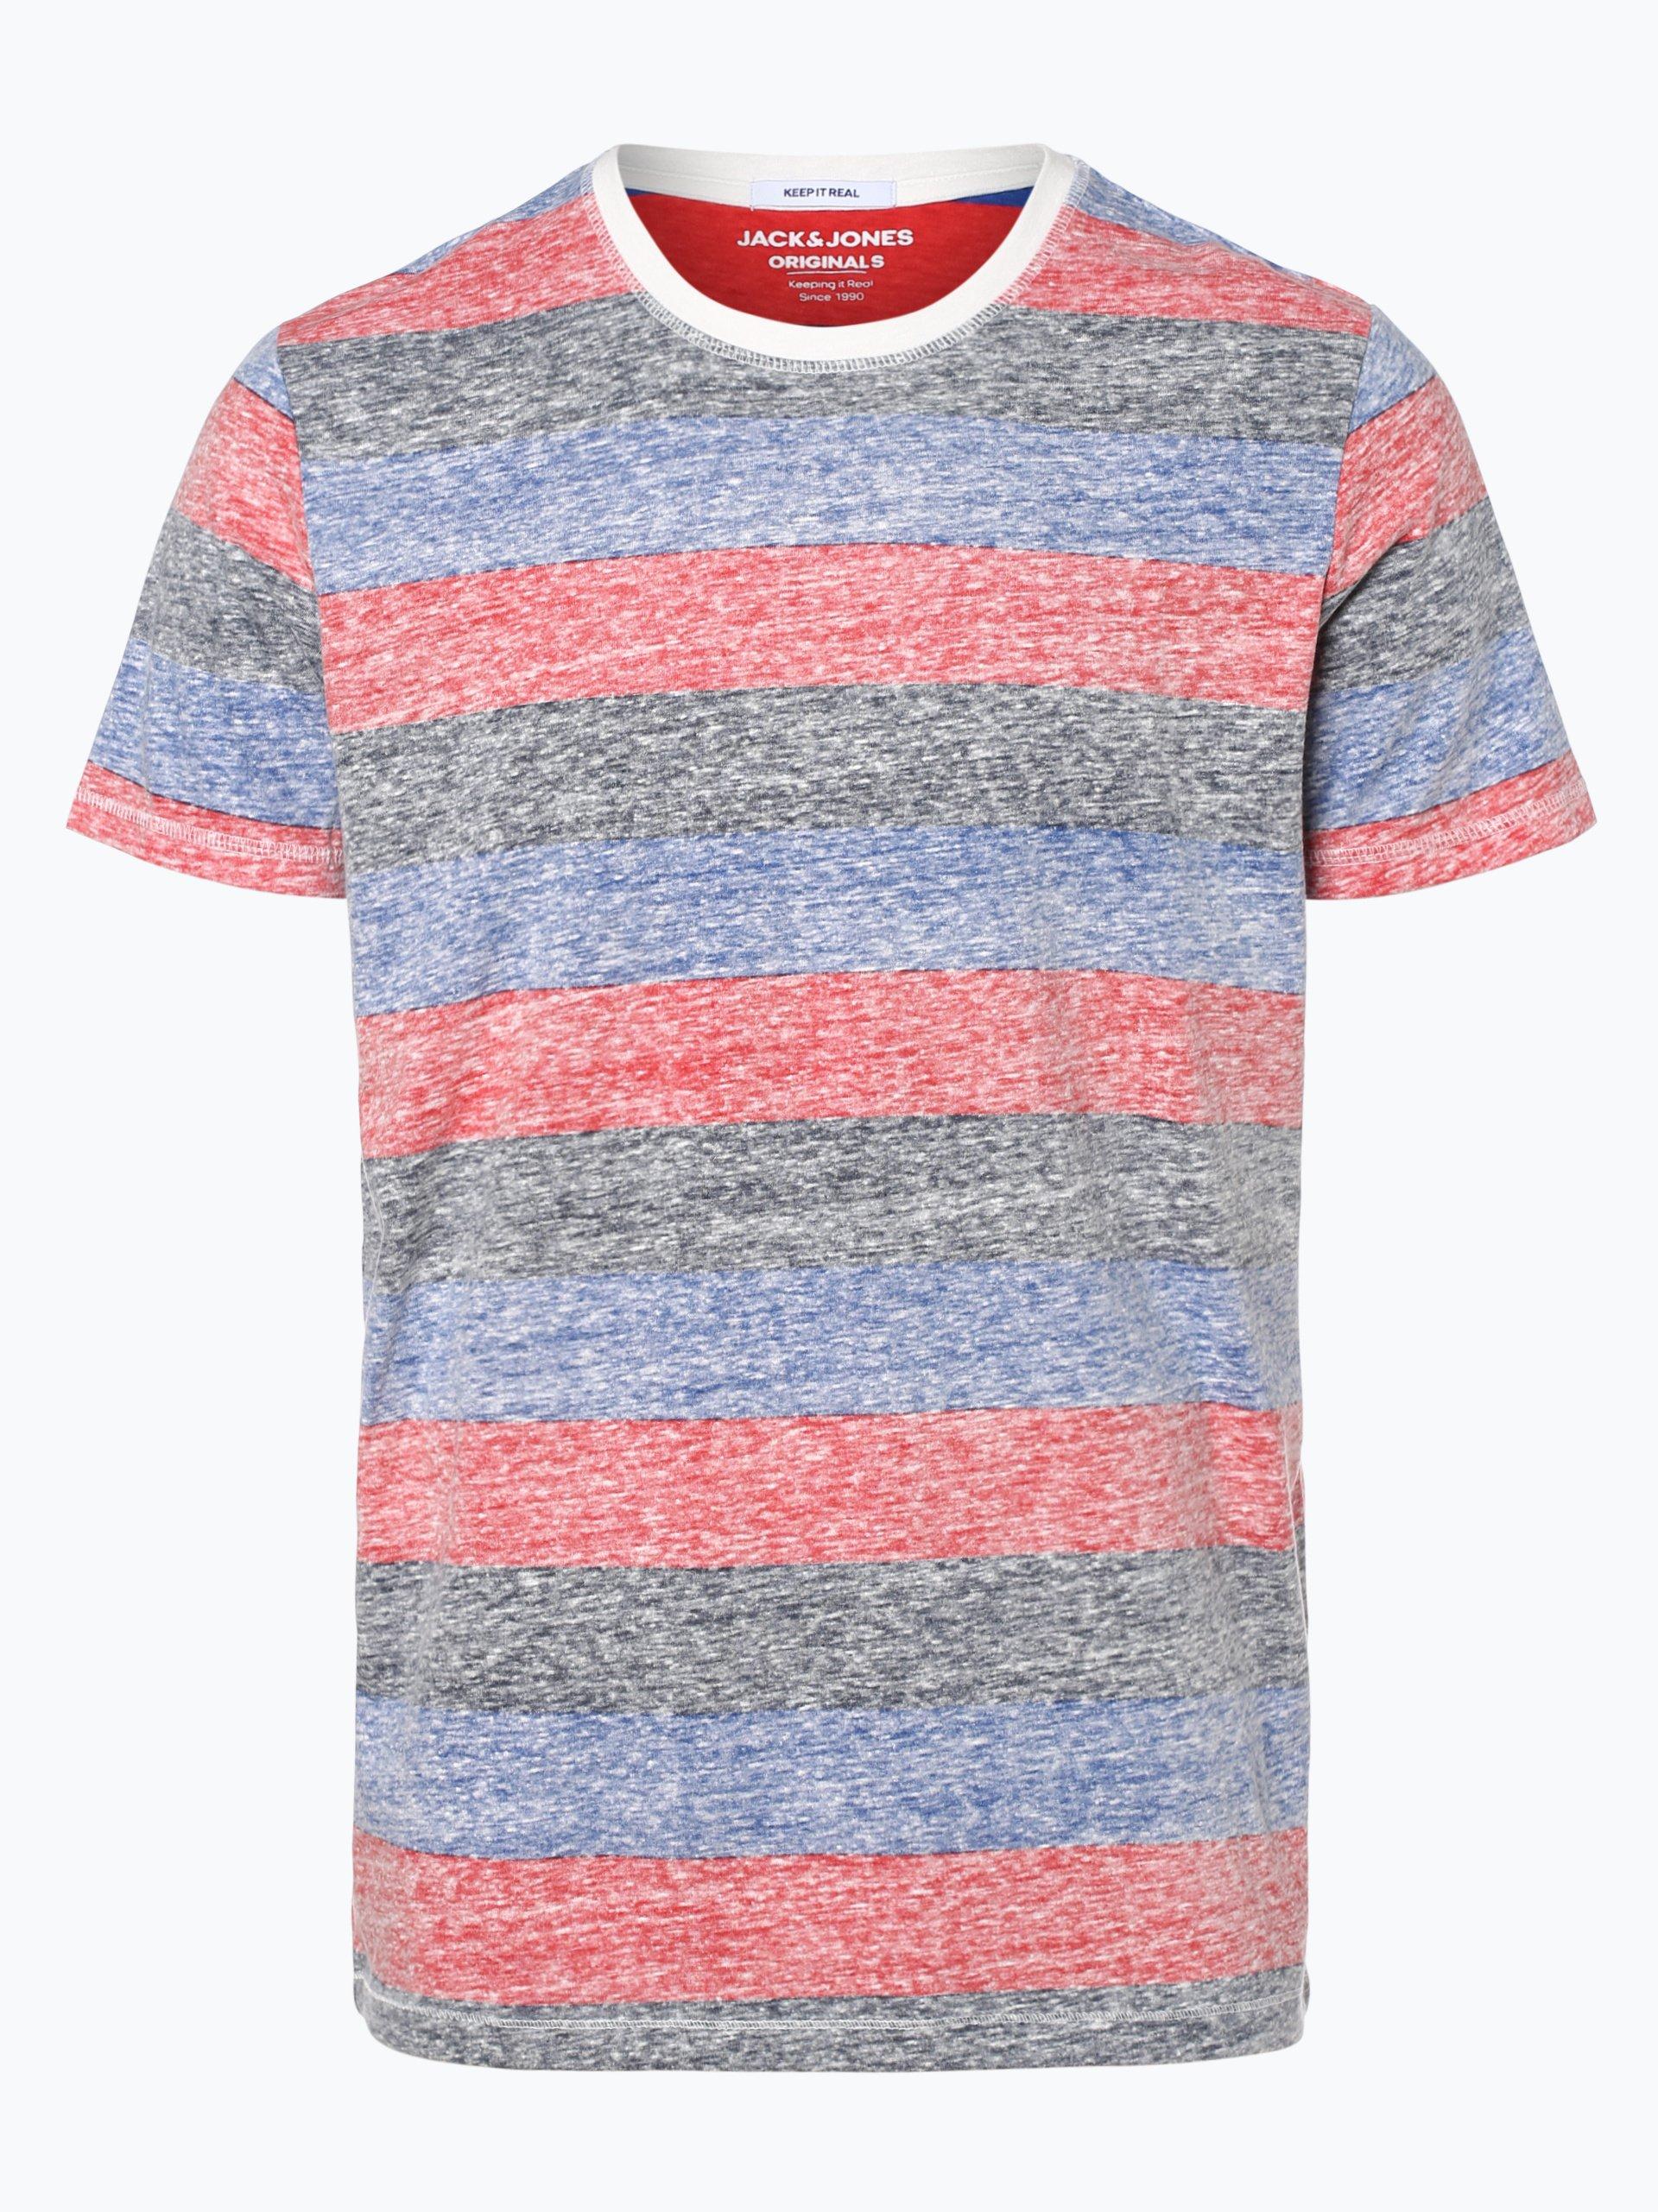 Jack & Jones Herren T-Shirt - Jorsider